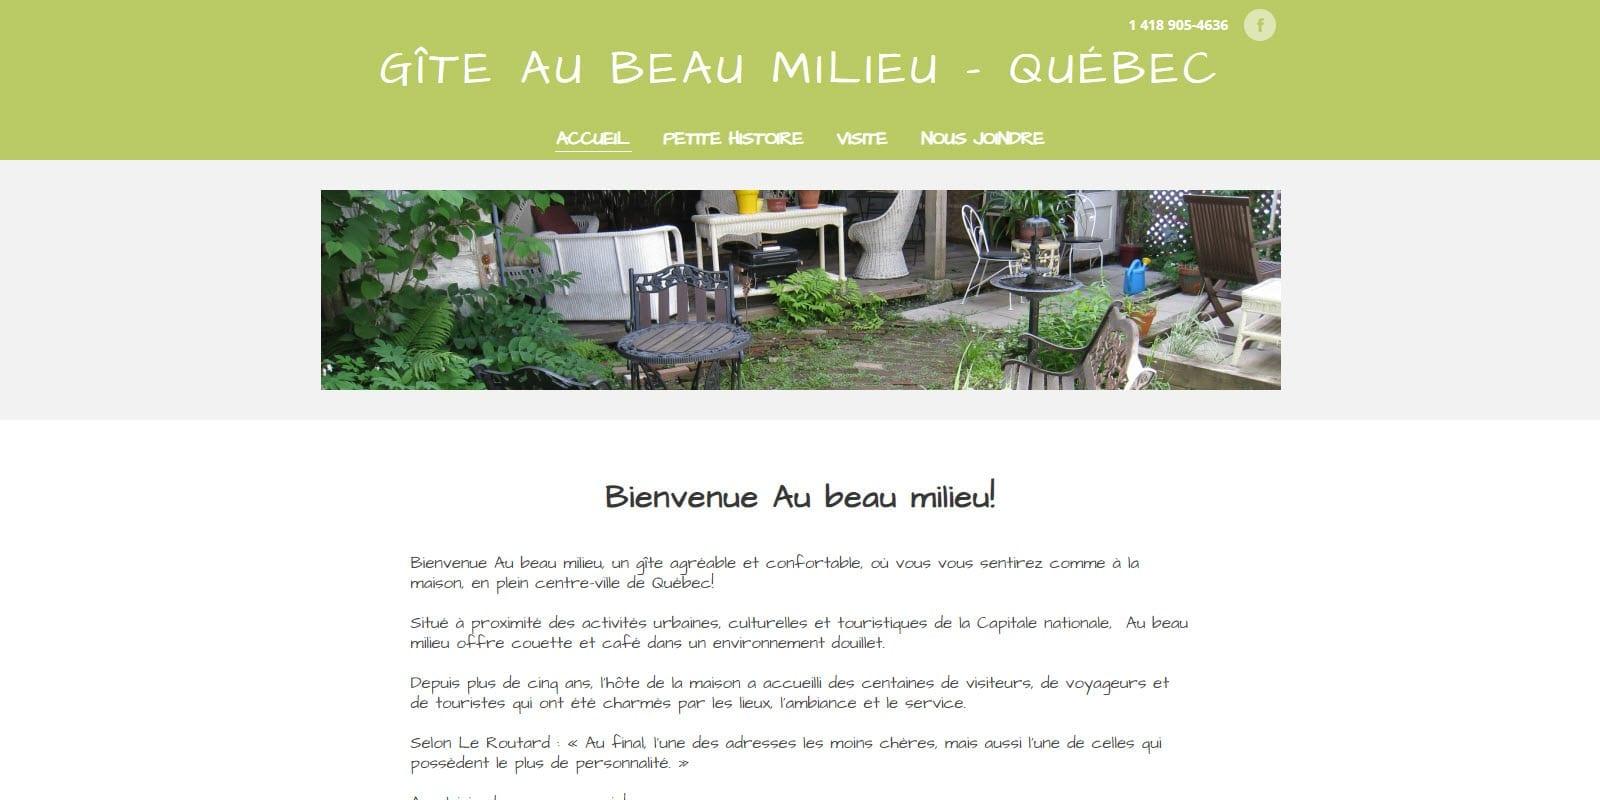 aubeaumilieu.com